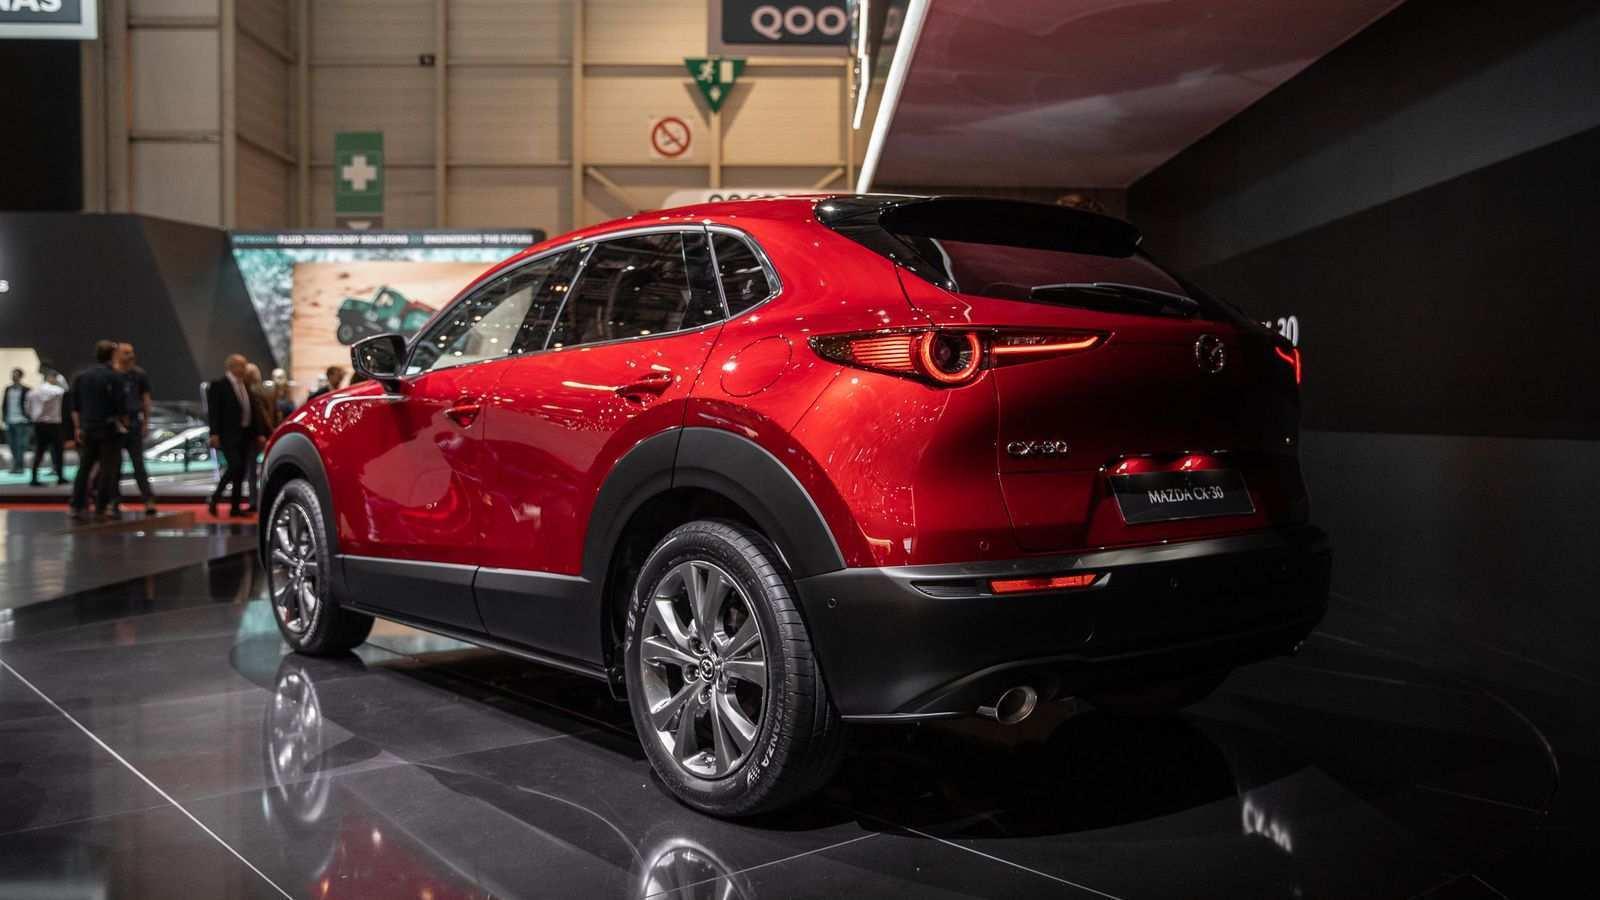 11 Gallery of Xe Mazda Cx5 2020 Rumors for Xe Mazda Cx5 2020